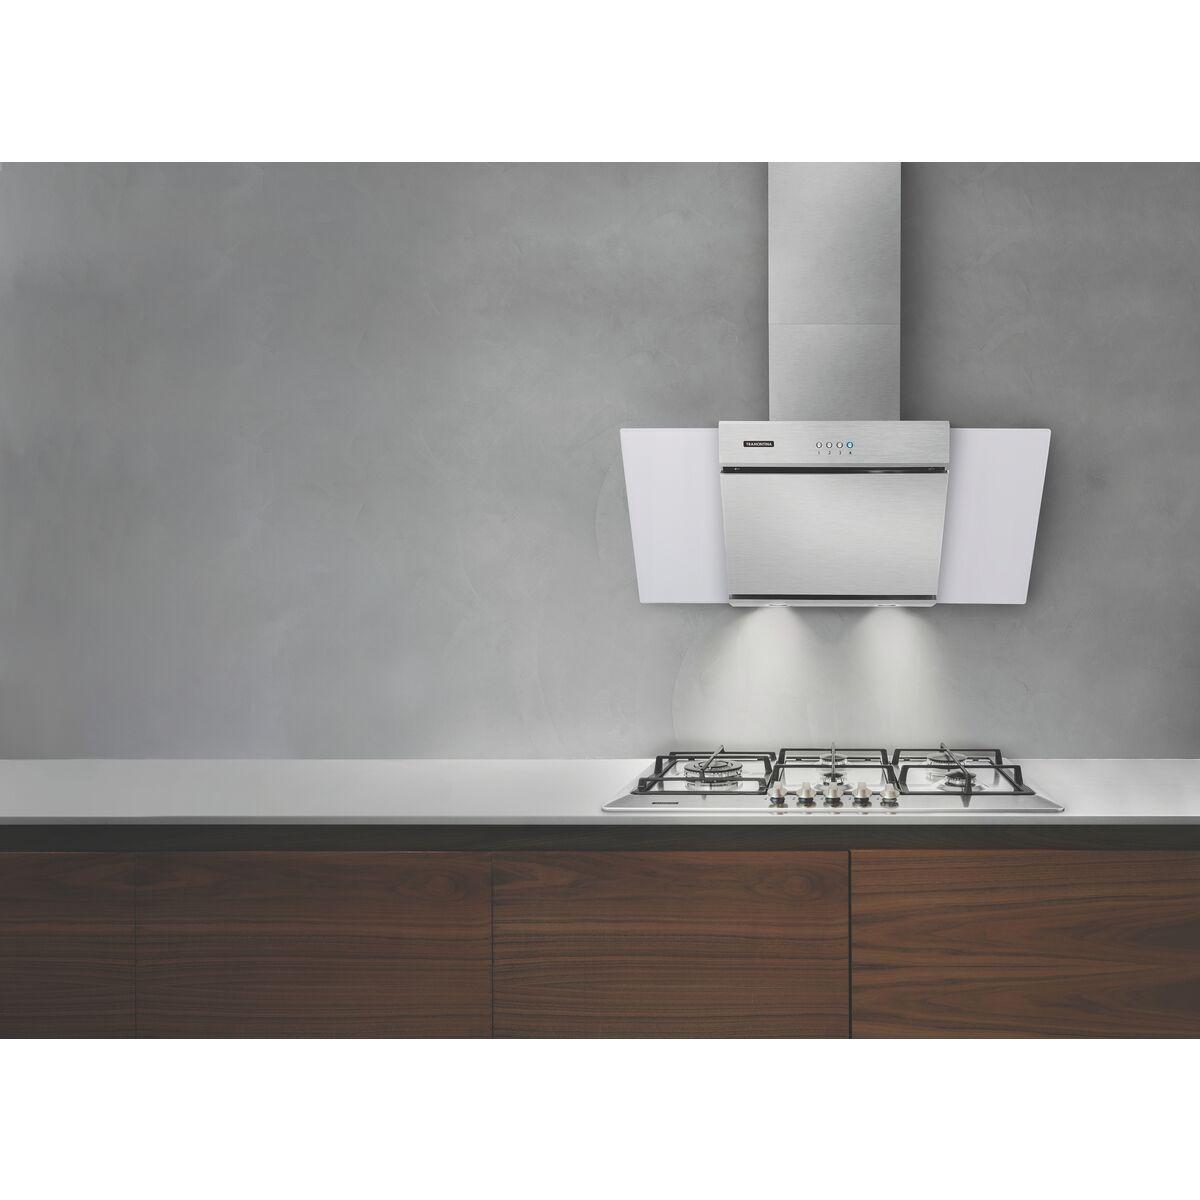 Campana de pared Tramontina de acero inoxidable y vidrio templado blanco a99e991f03dc